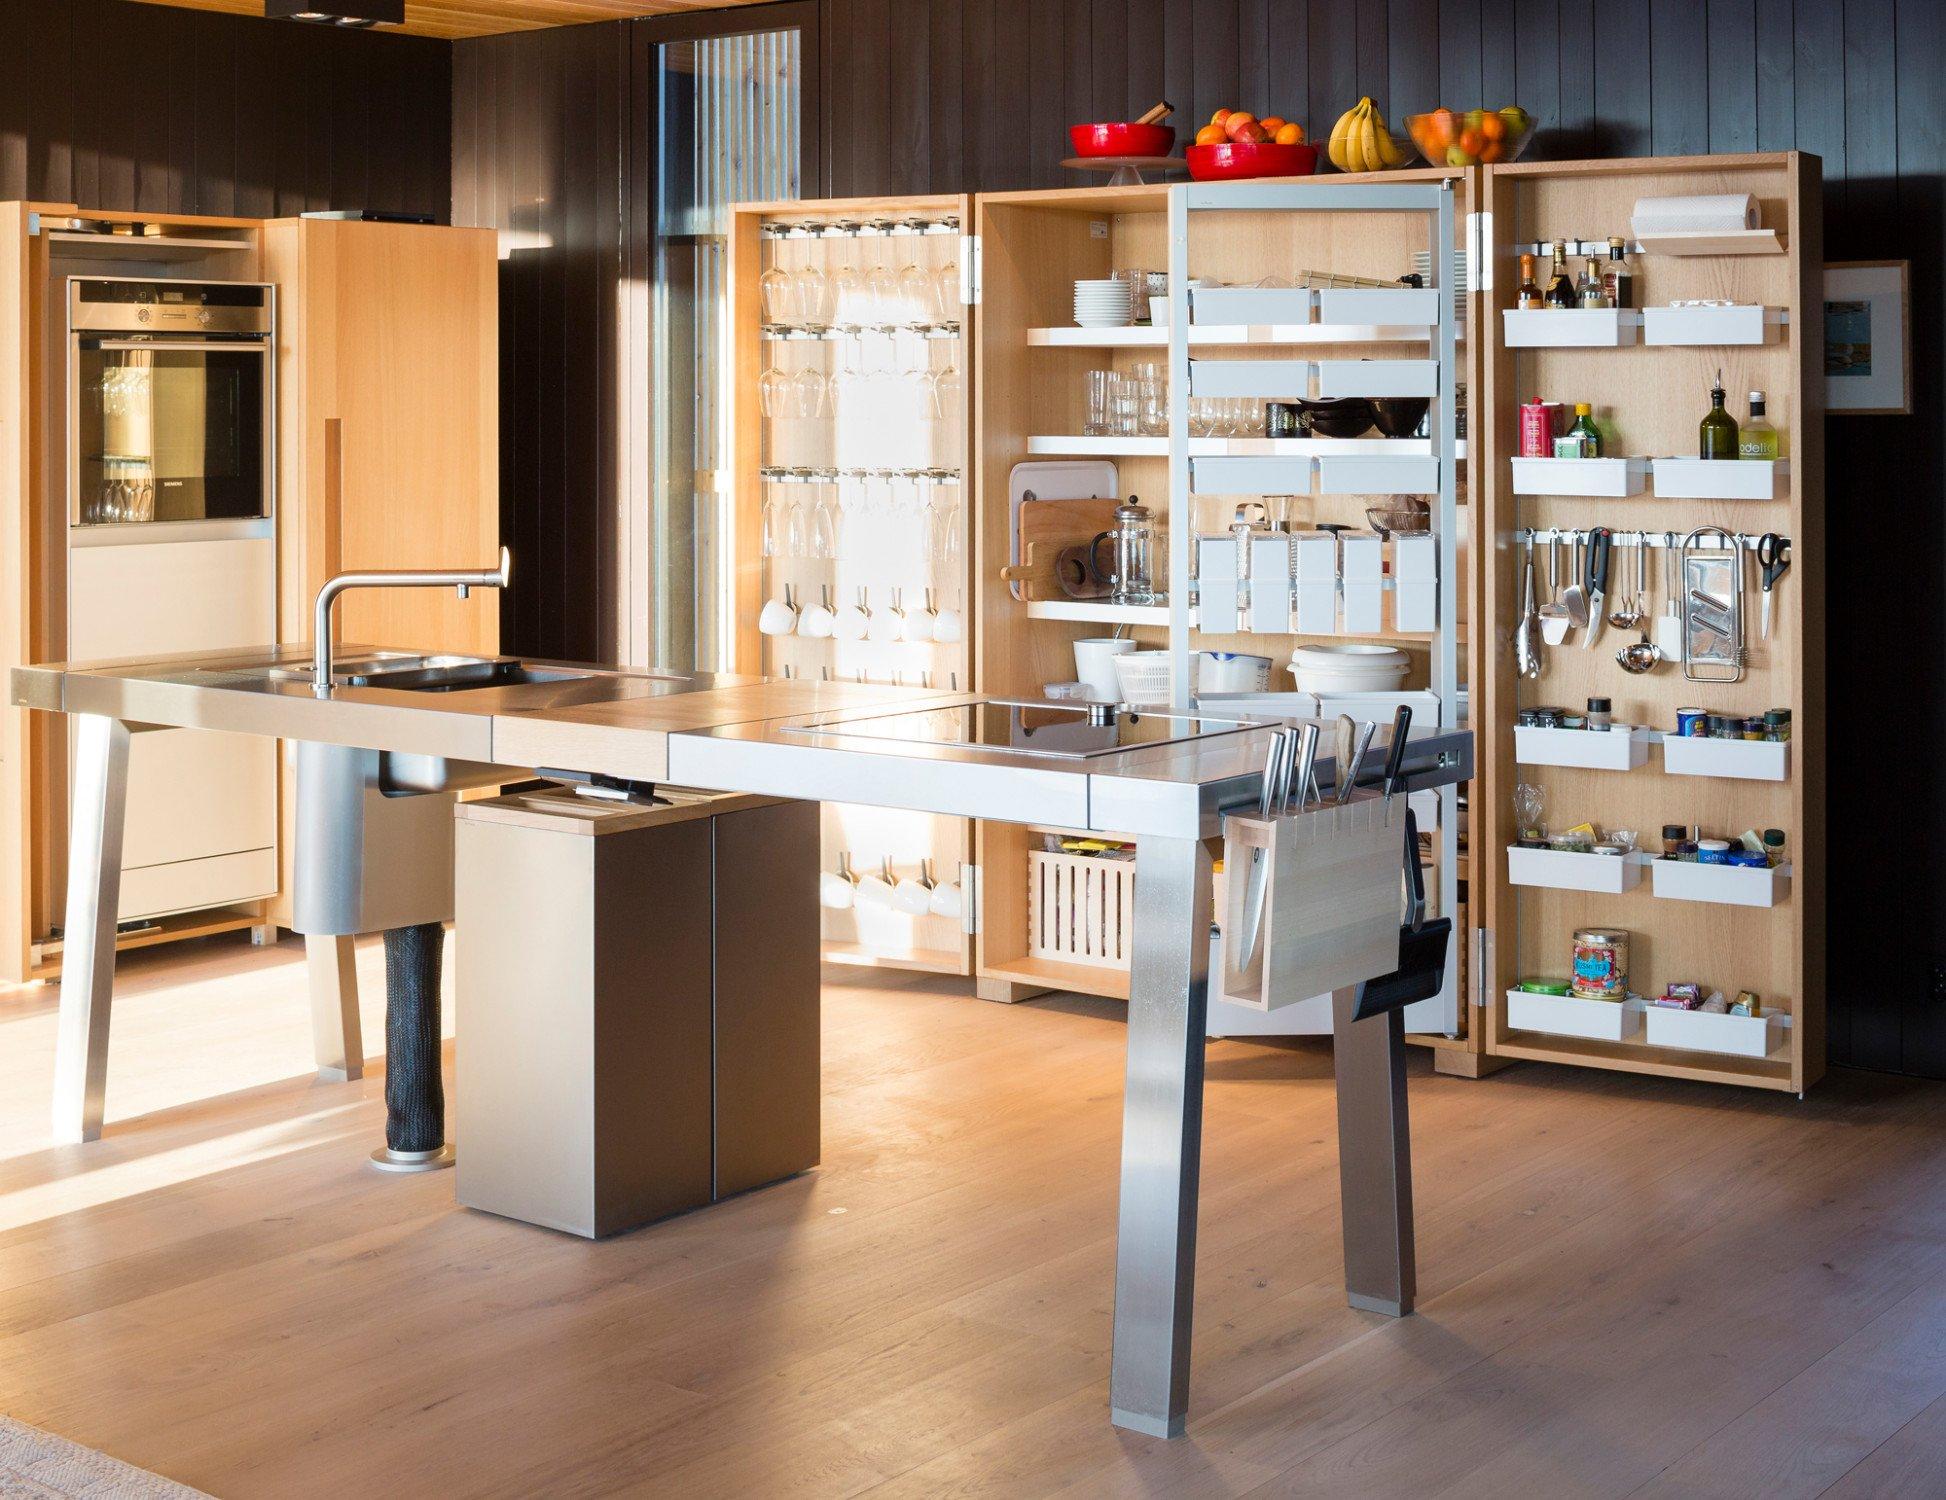 Fußbodenheizung Unter Dielenboden wochenendhaus in kvitfjell gesund bauen wohnen baunetz wissen